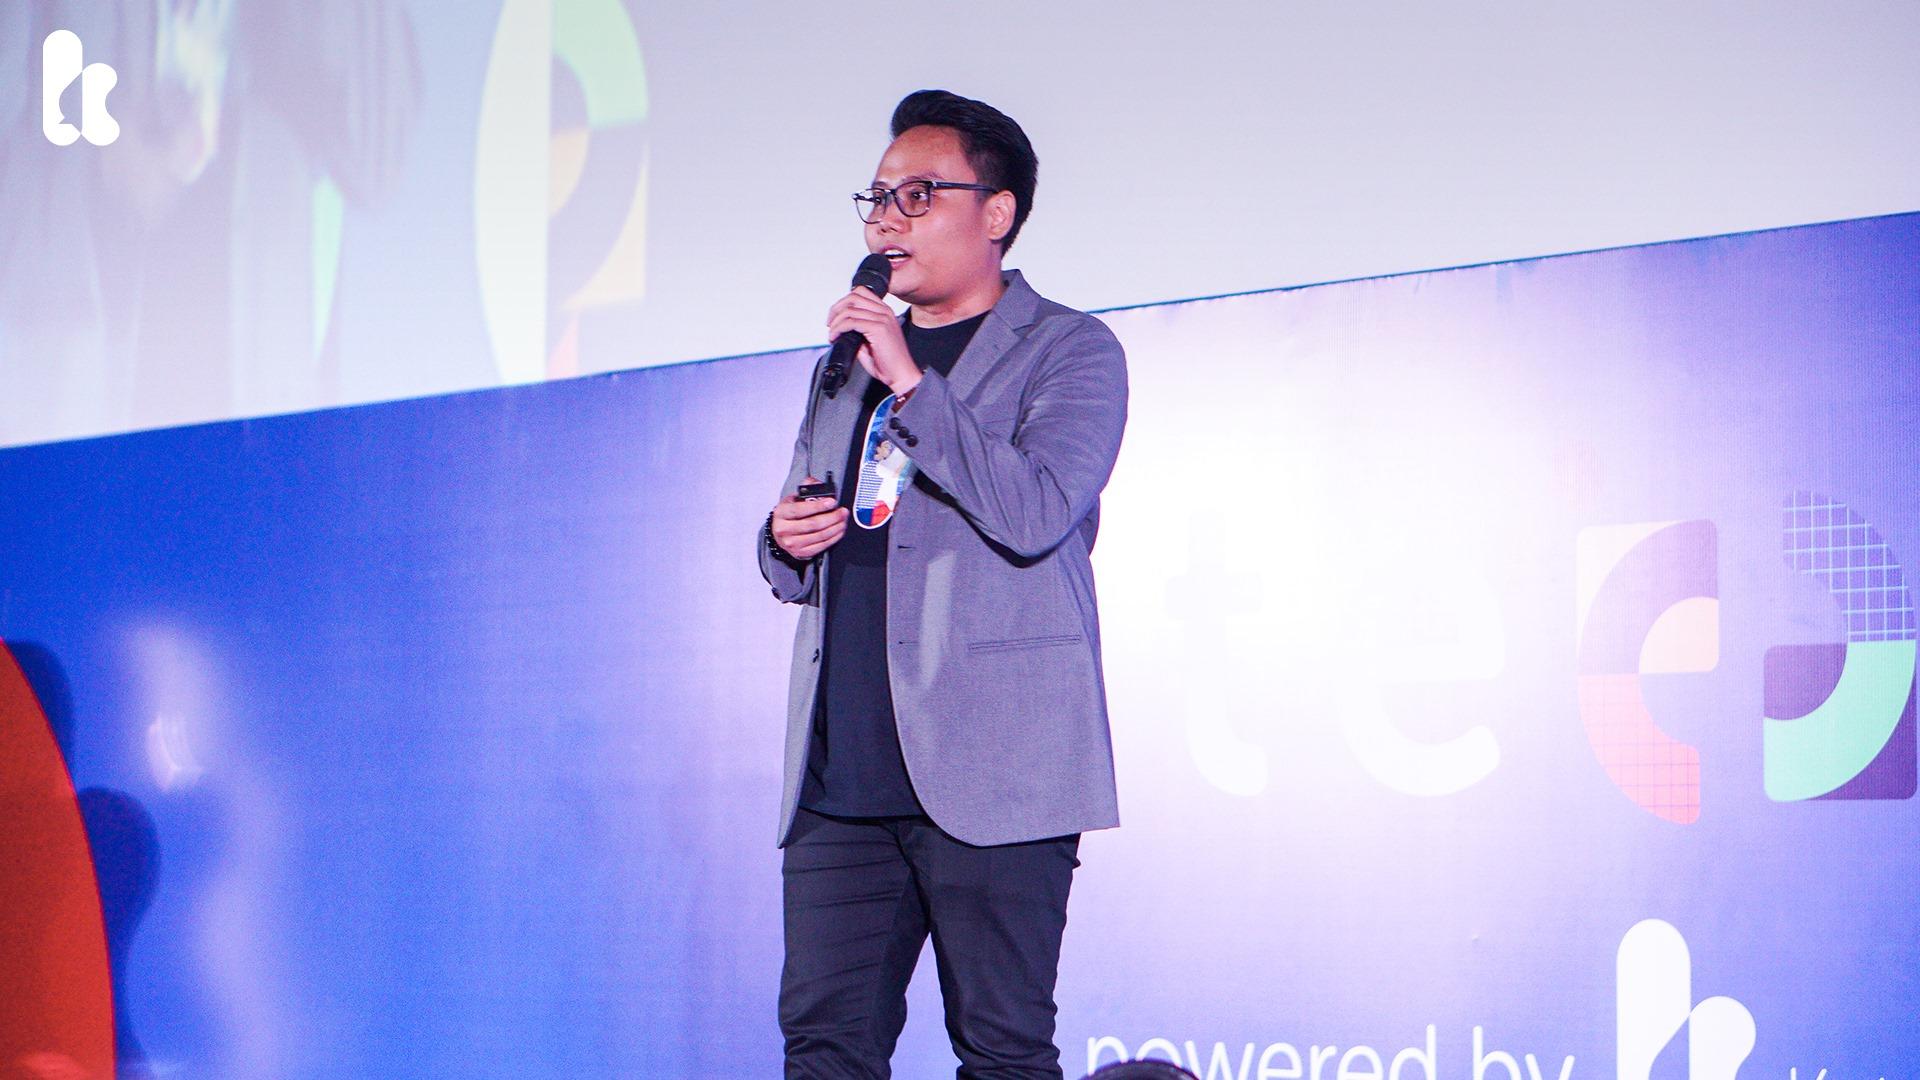 Gelar Pradipta Utama at INTERACT 2019